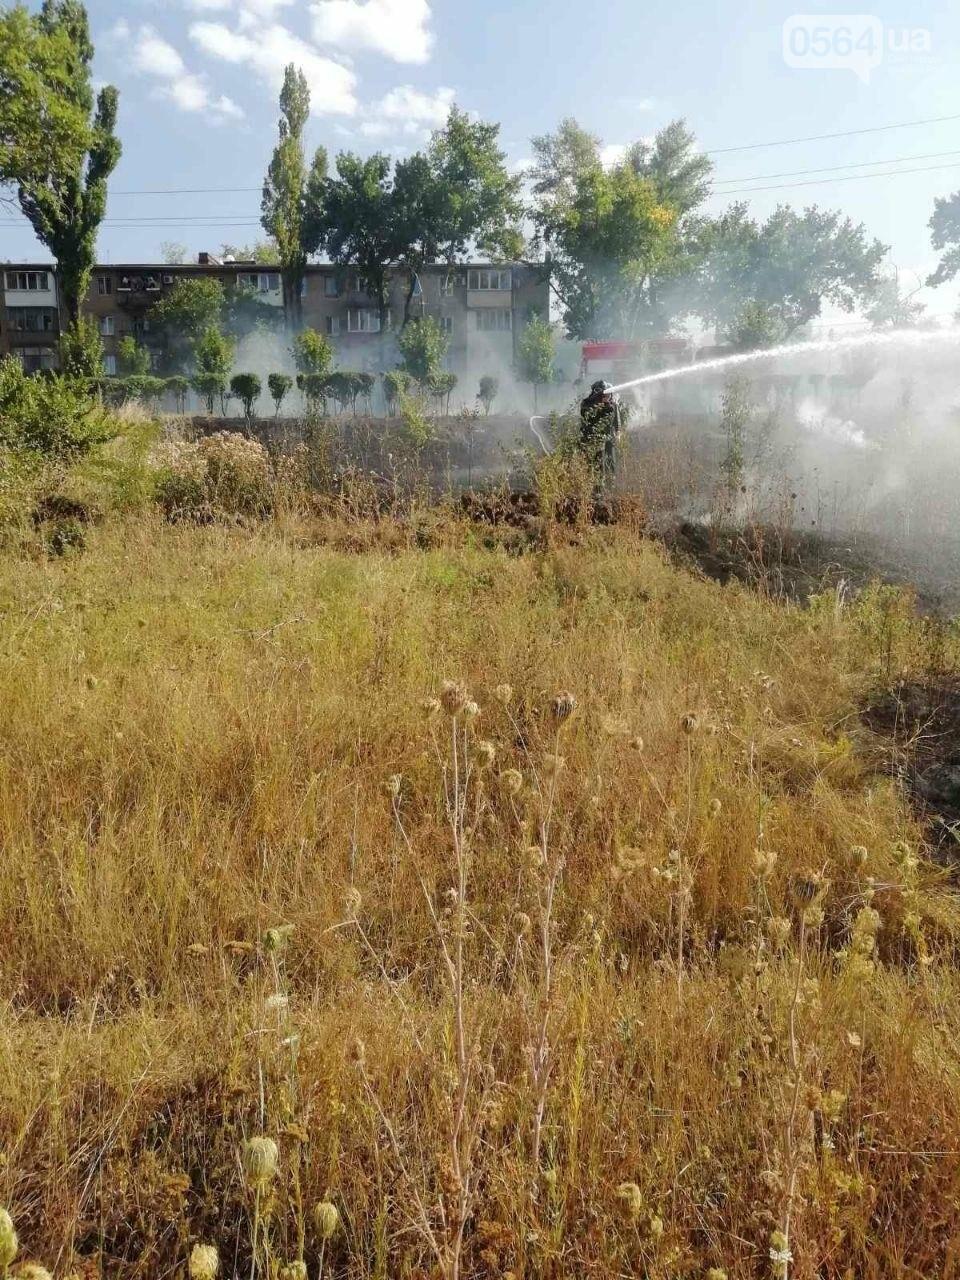 За прошедшие сутки в Кривом Роге произошло 5 пожаров в эко-системе, - ФОТО , фото-3